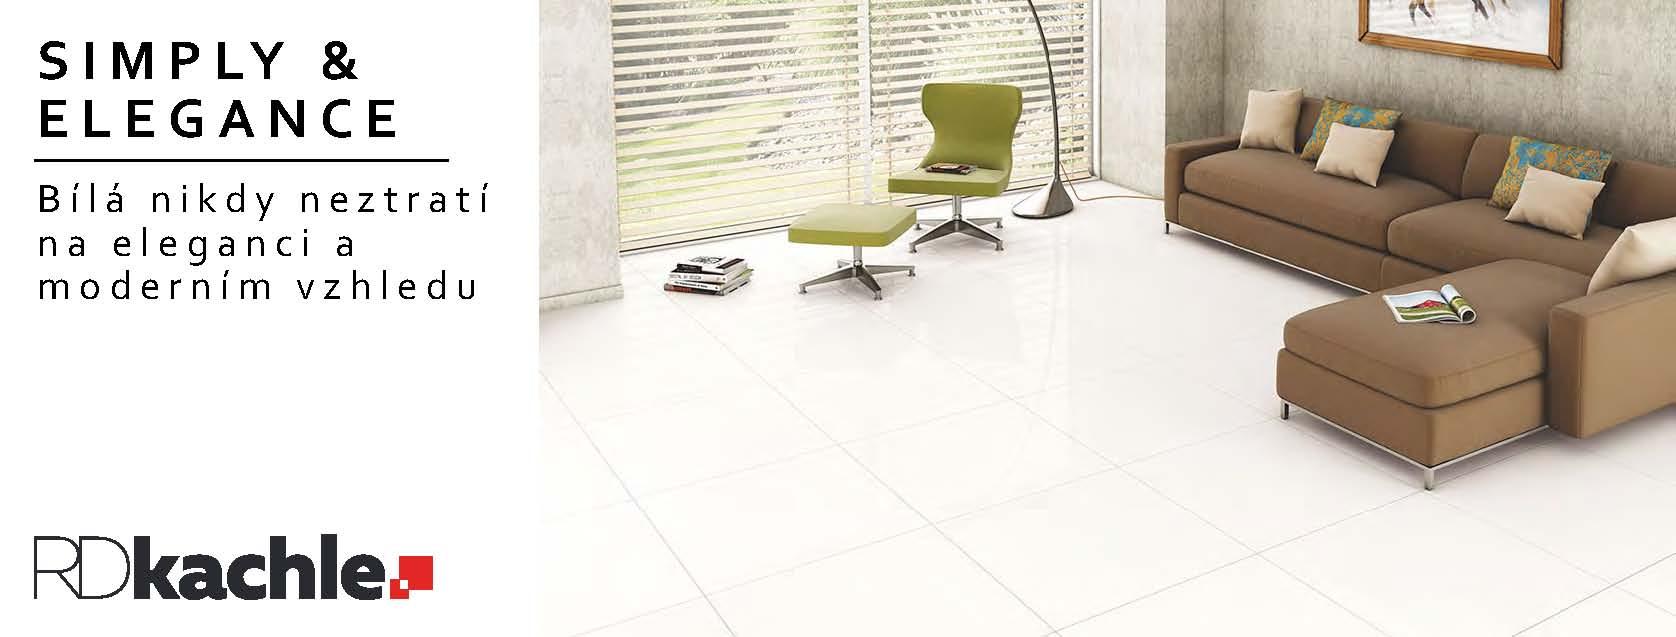 Stylová řešení vašich podlah